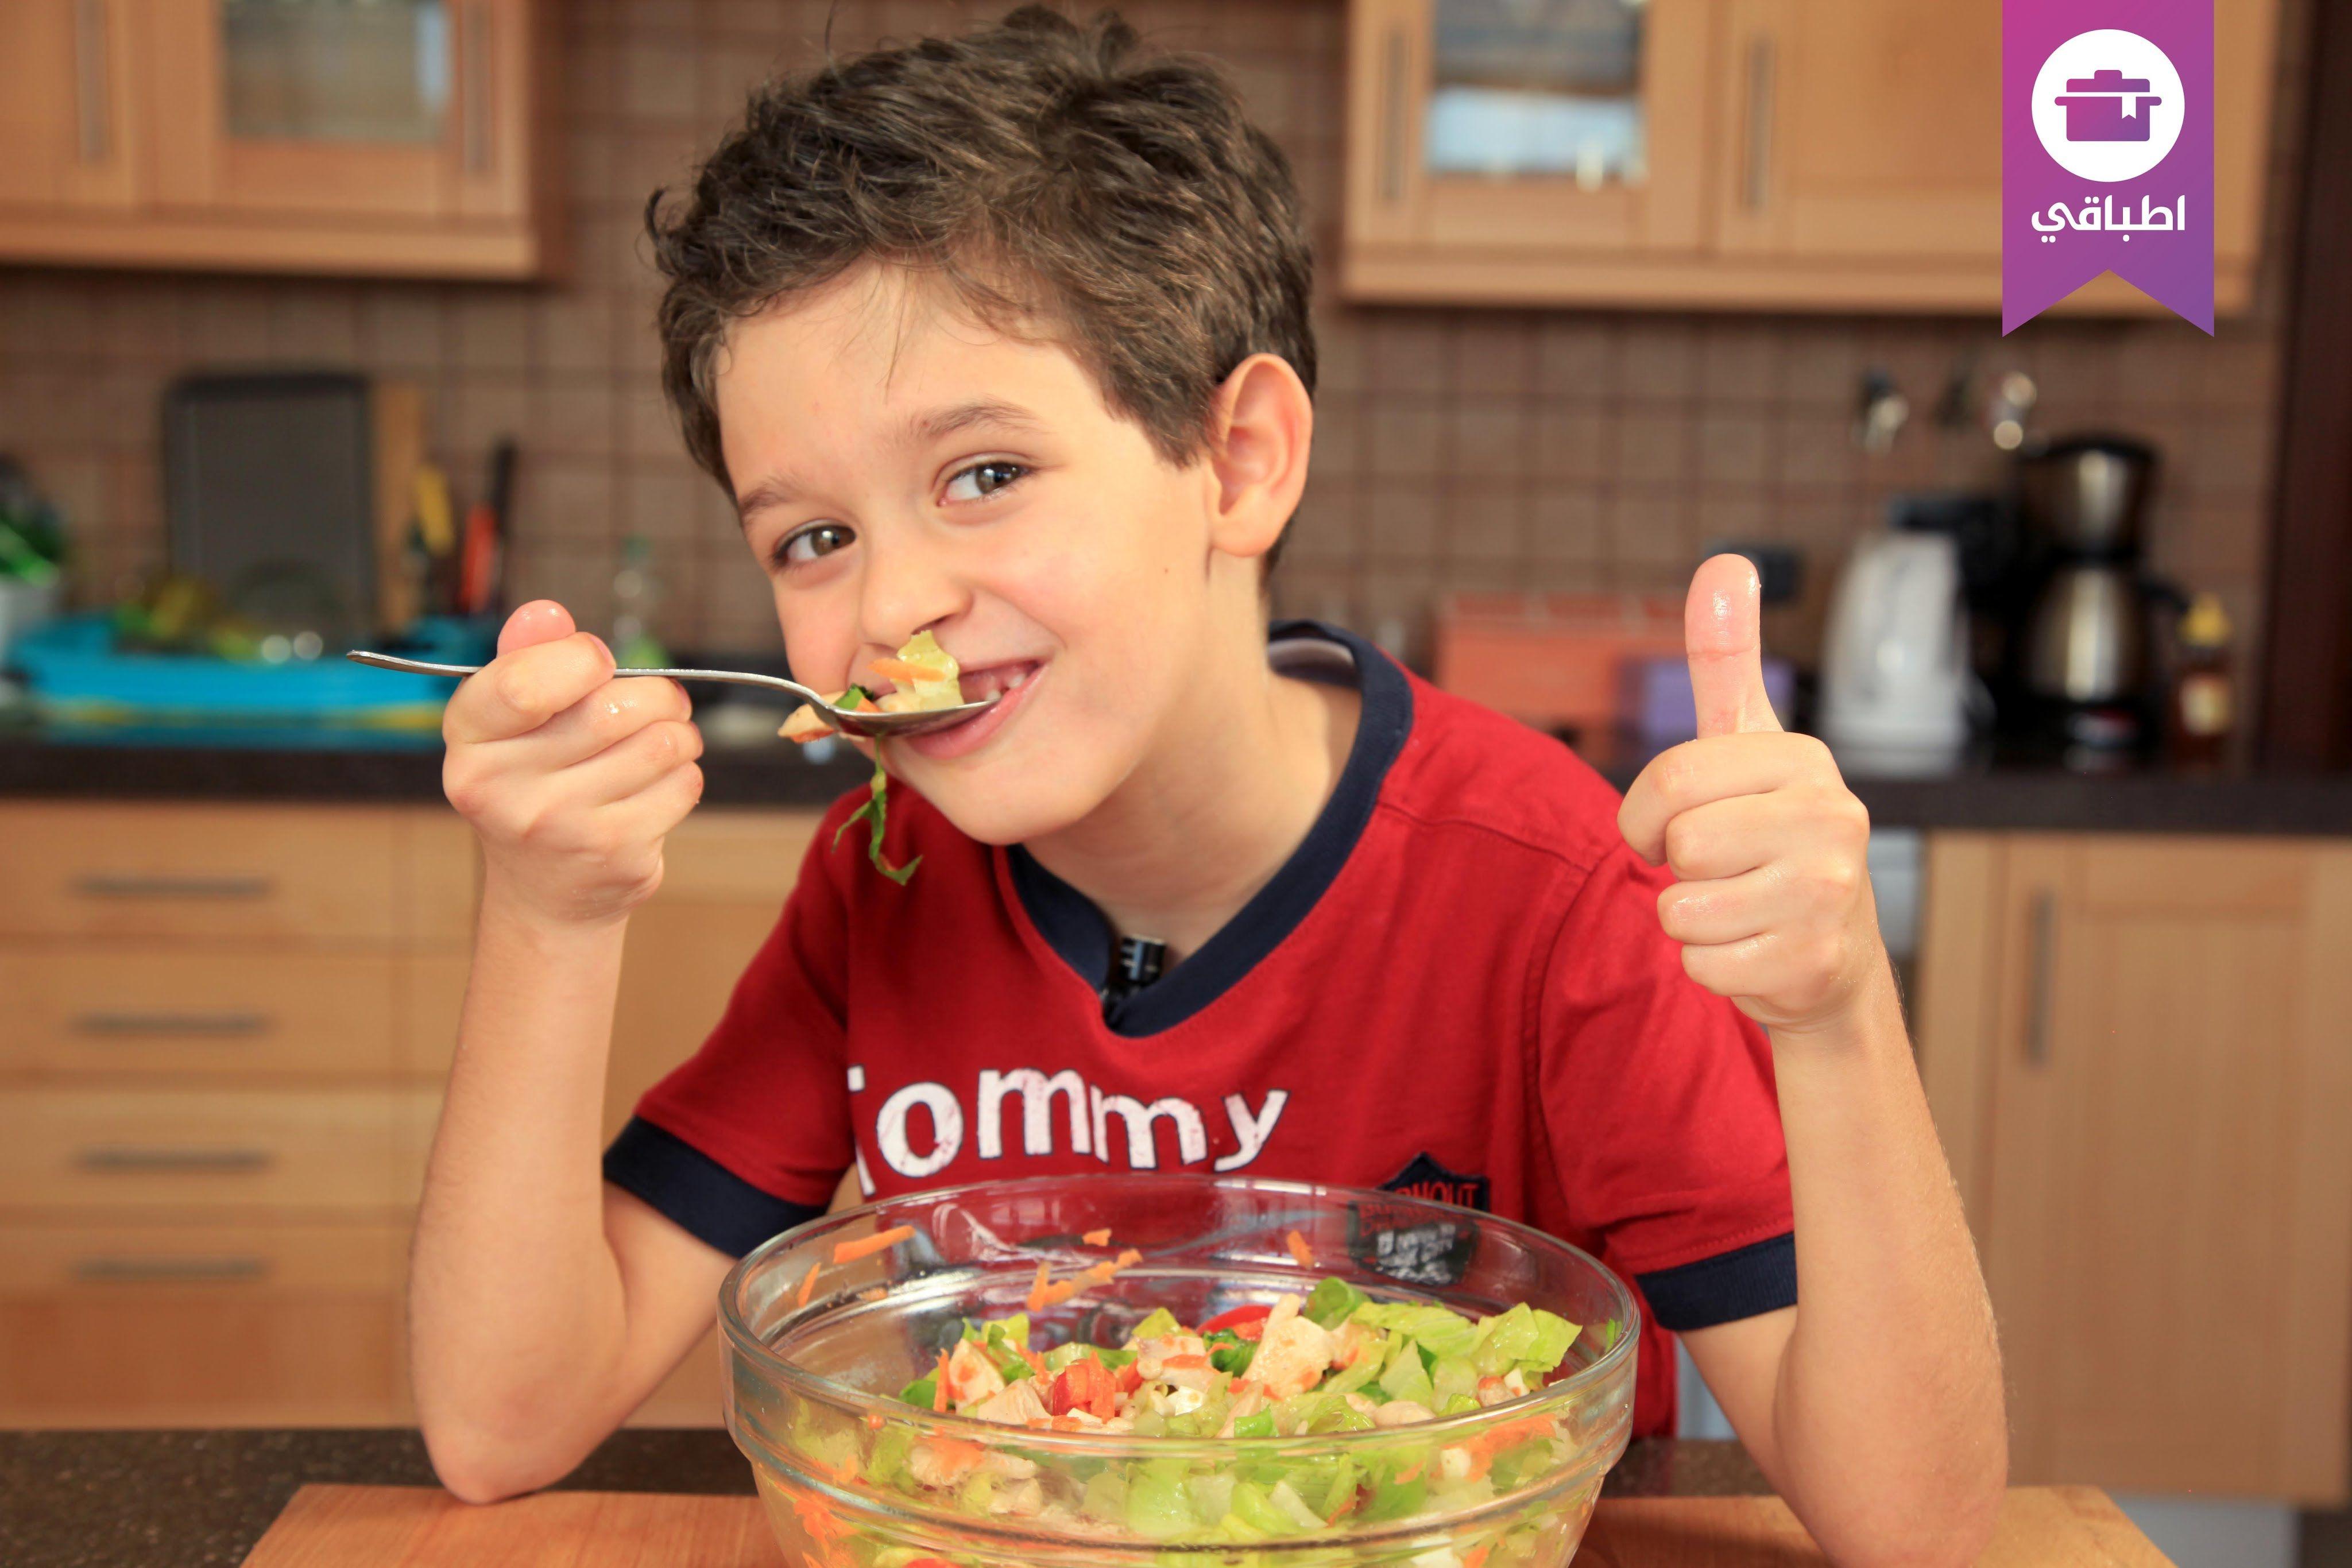 وصفة سلطة الدجاج الصحية مع الطفل جعفر Food Acai Bowl Breakfast